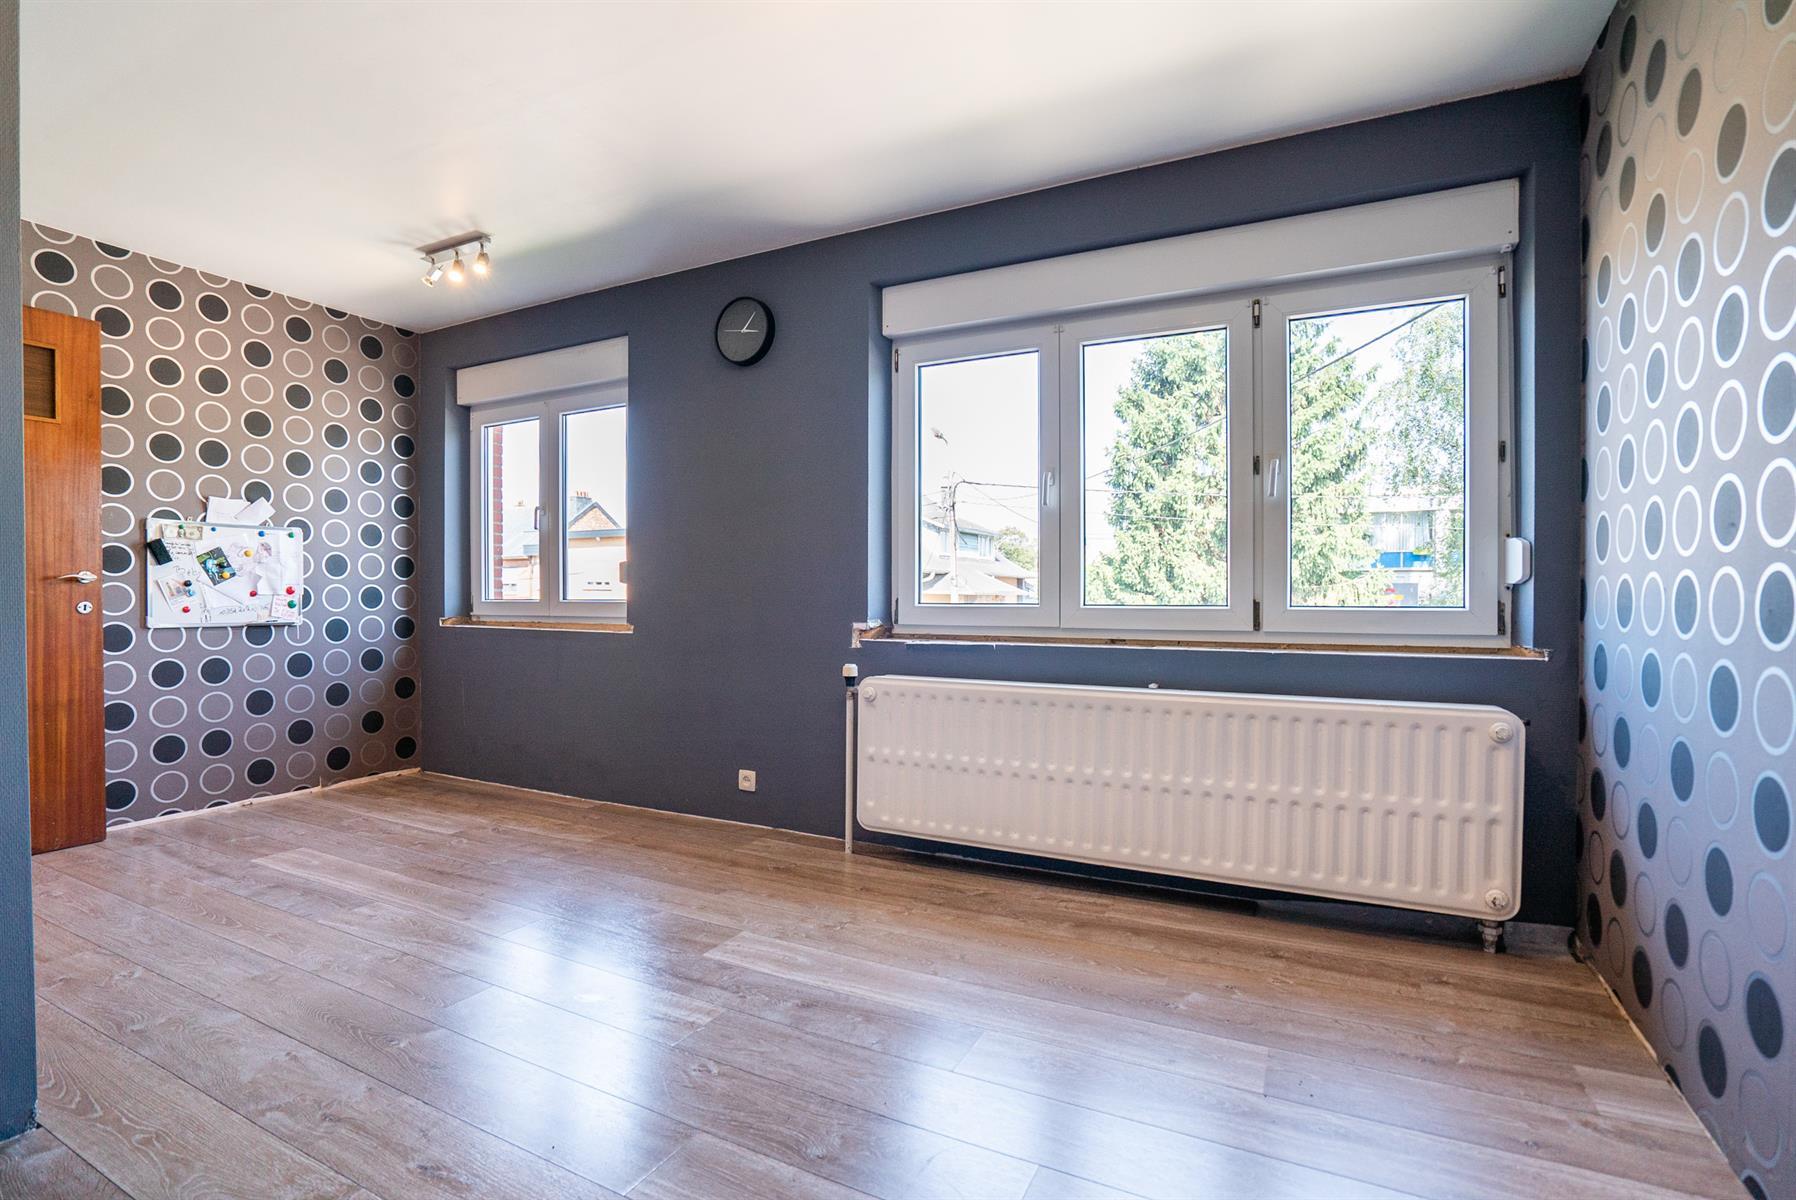 Maison - Verviers Stembert - #4406533-12